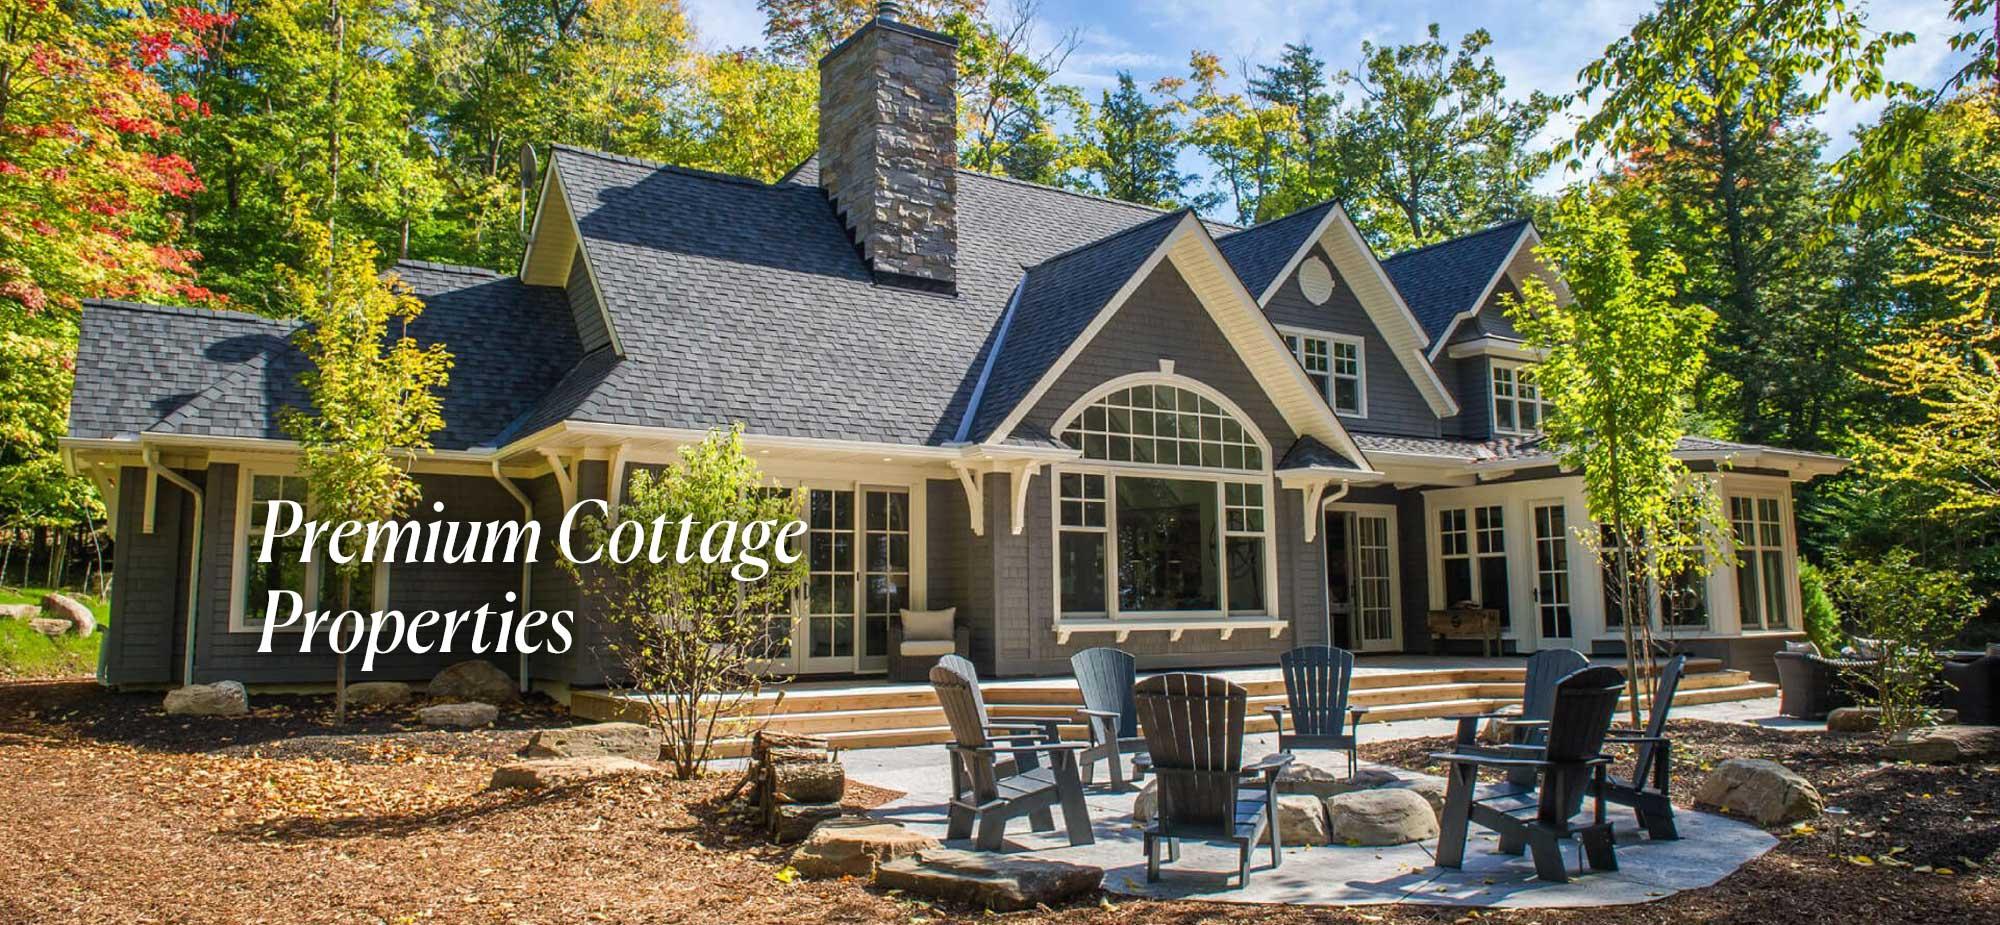 Premium Cottage Properties